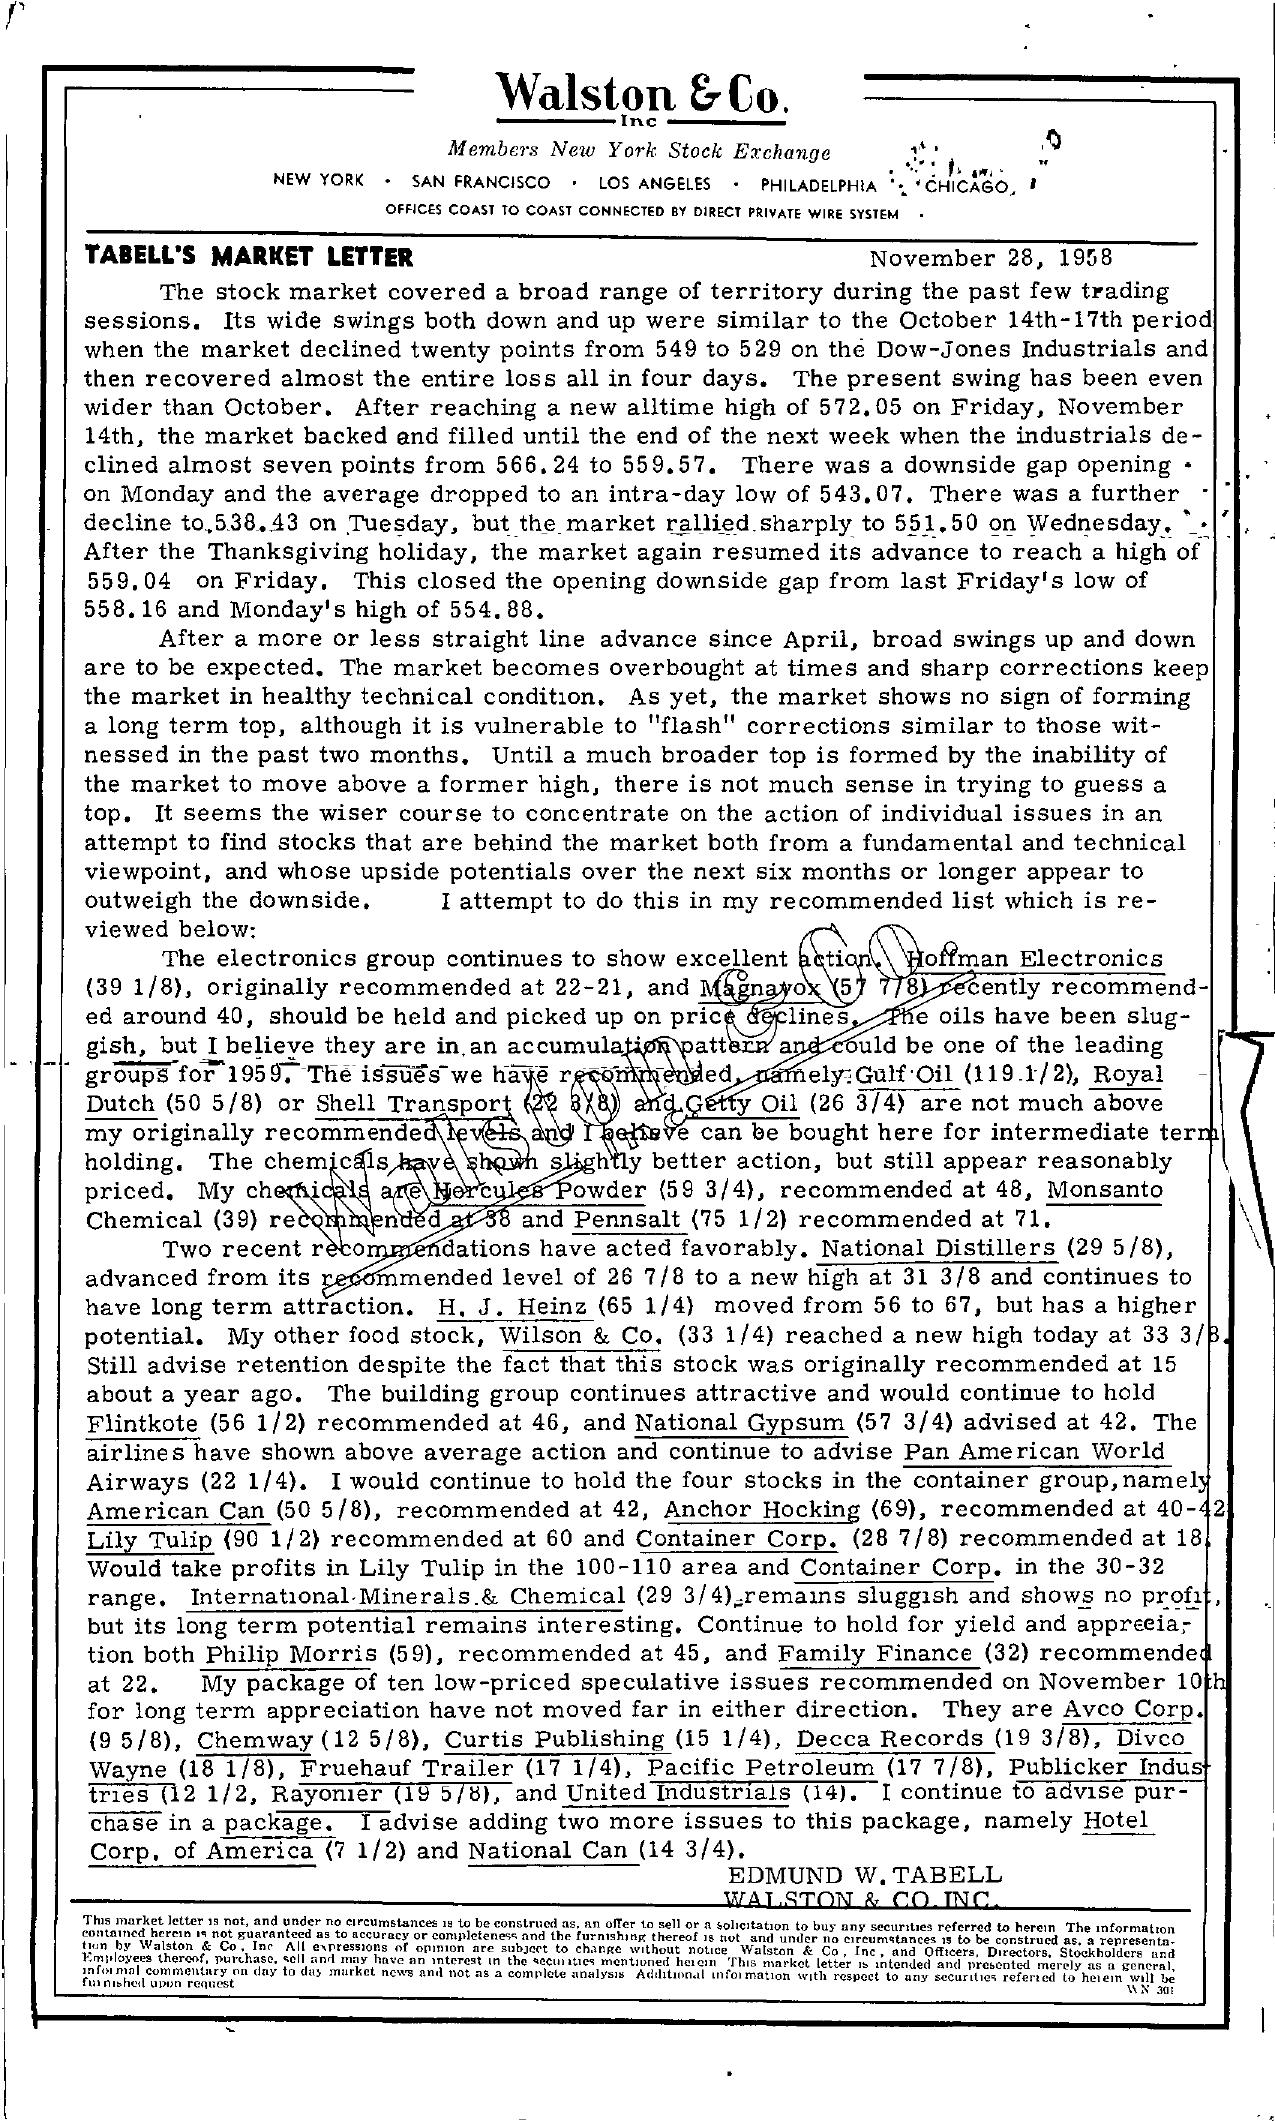 Tabell's Market Letter - November 28, 1958